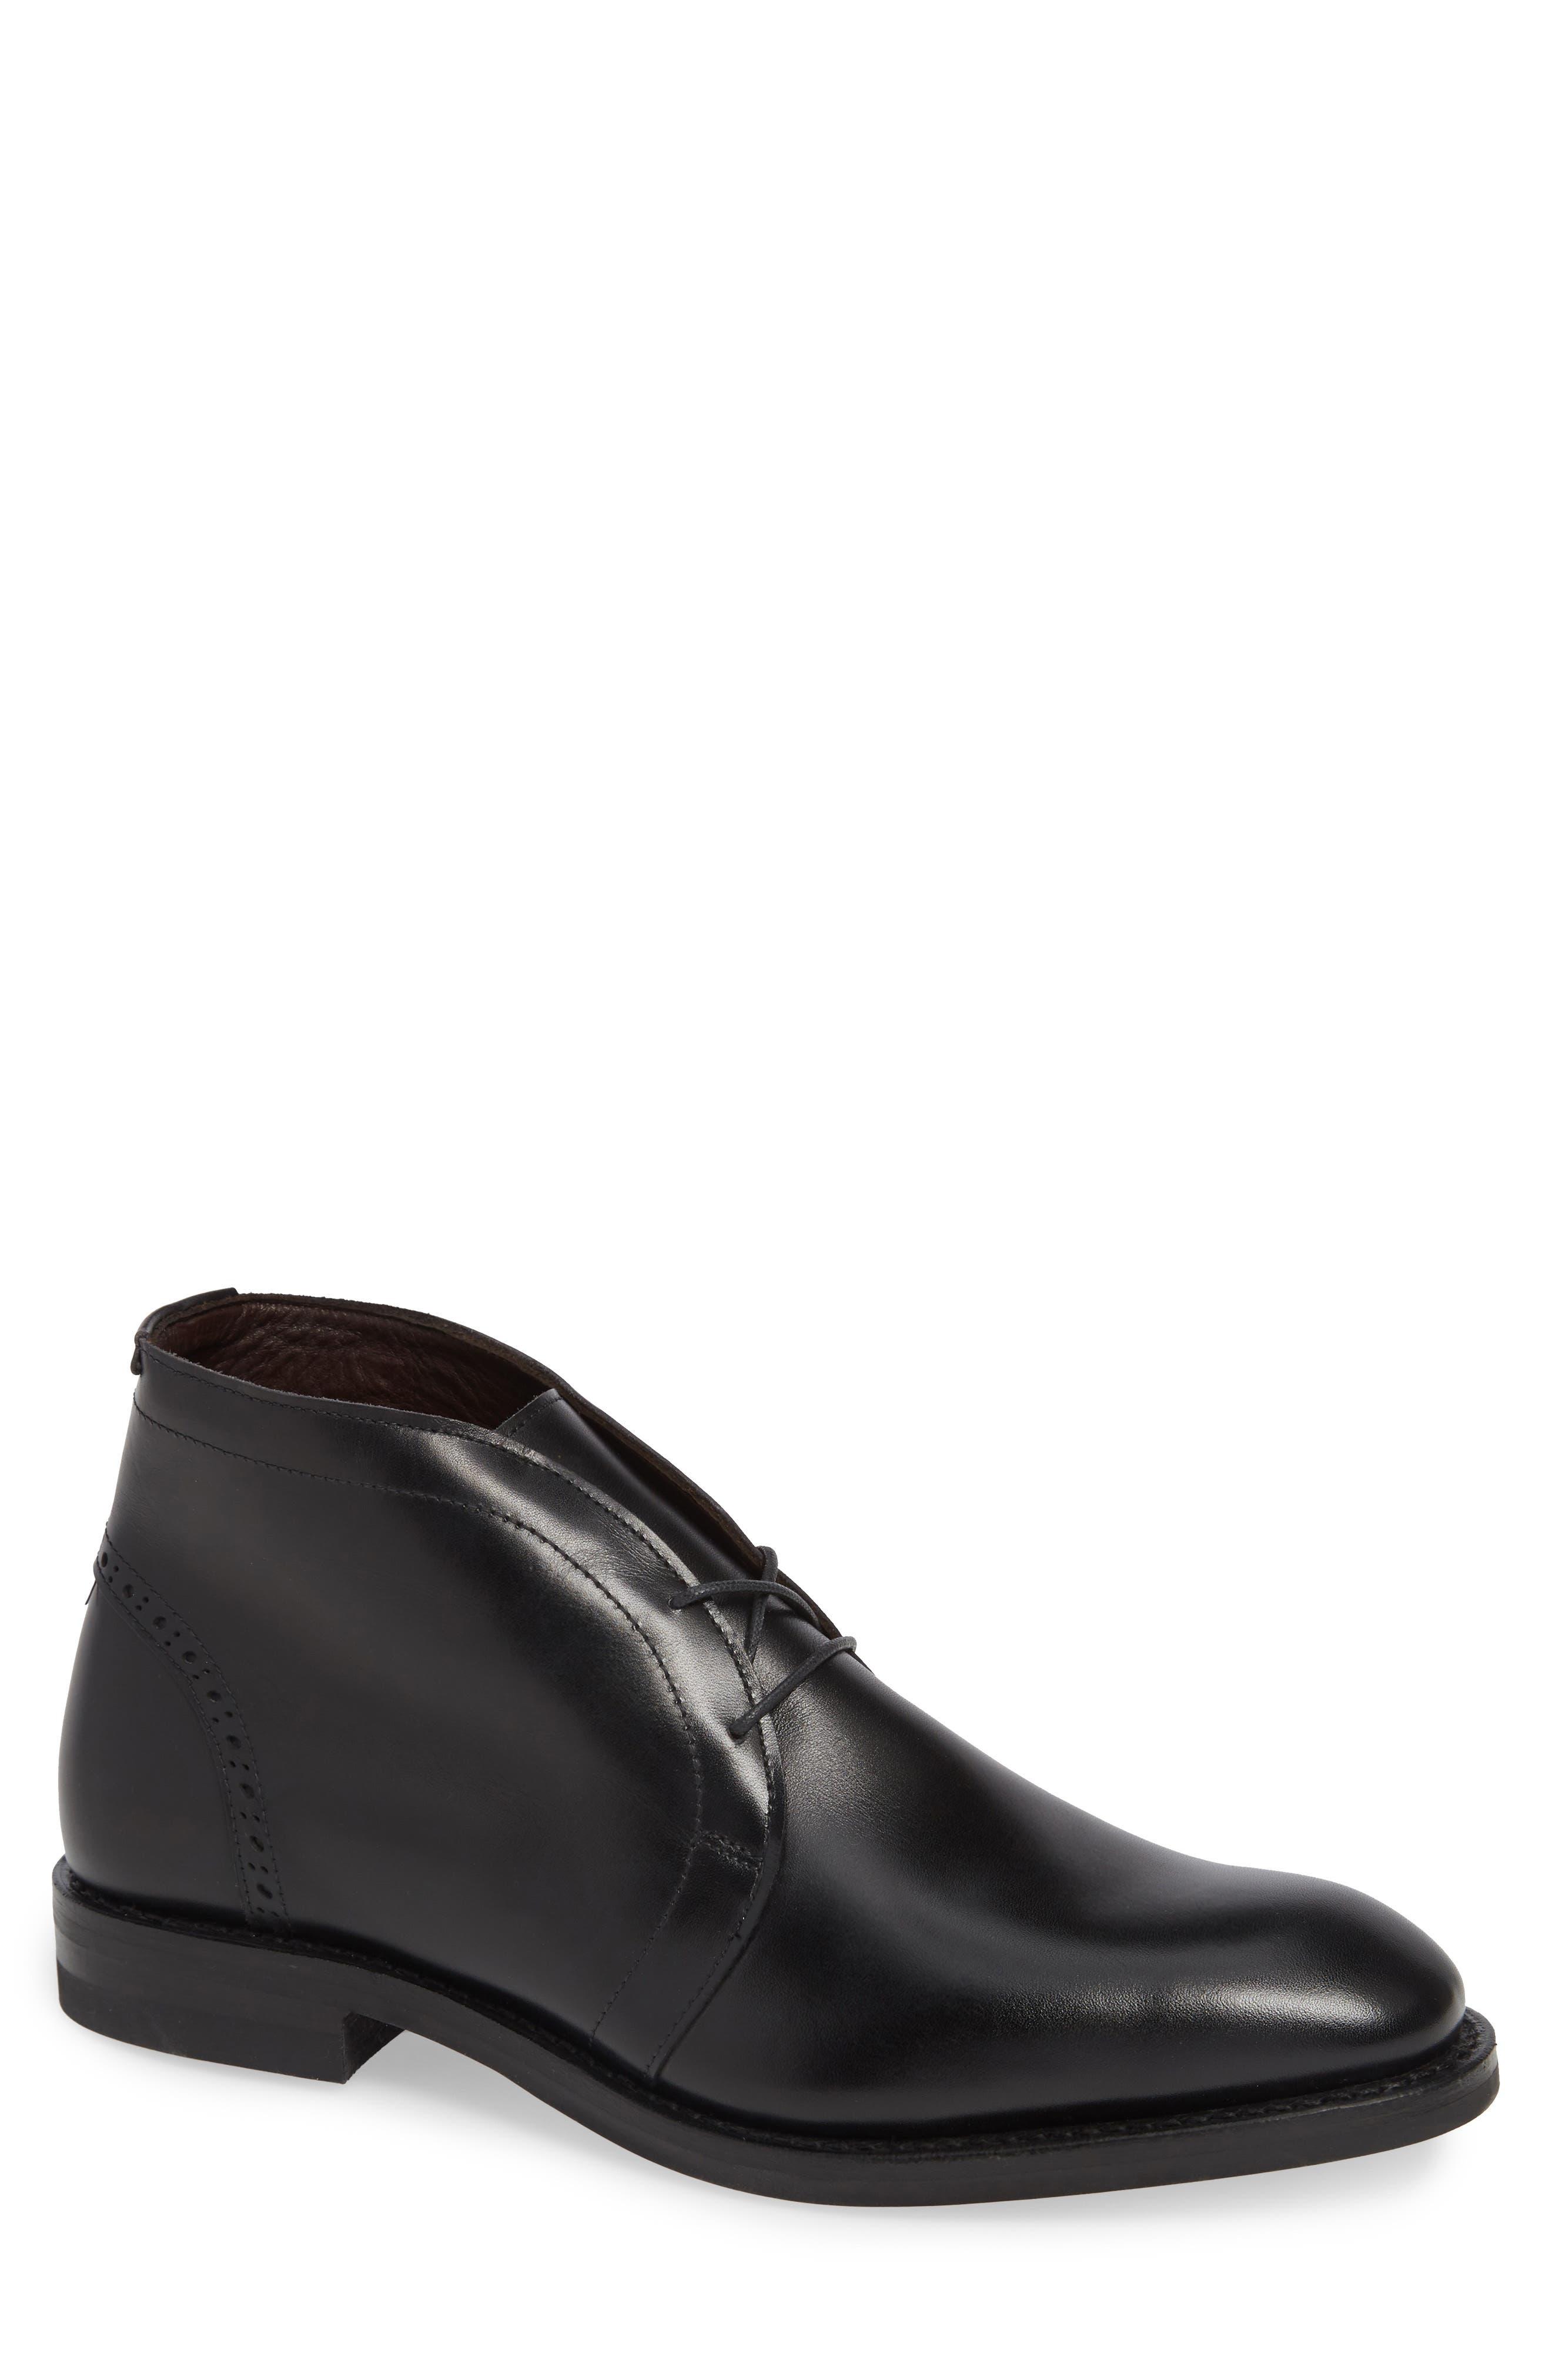 Men S Allen Edmonds Boots